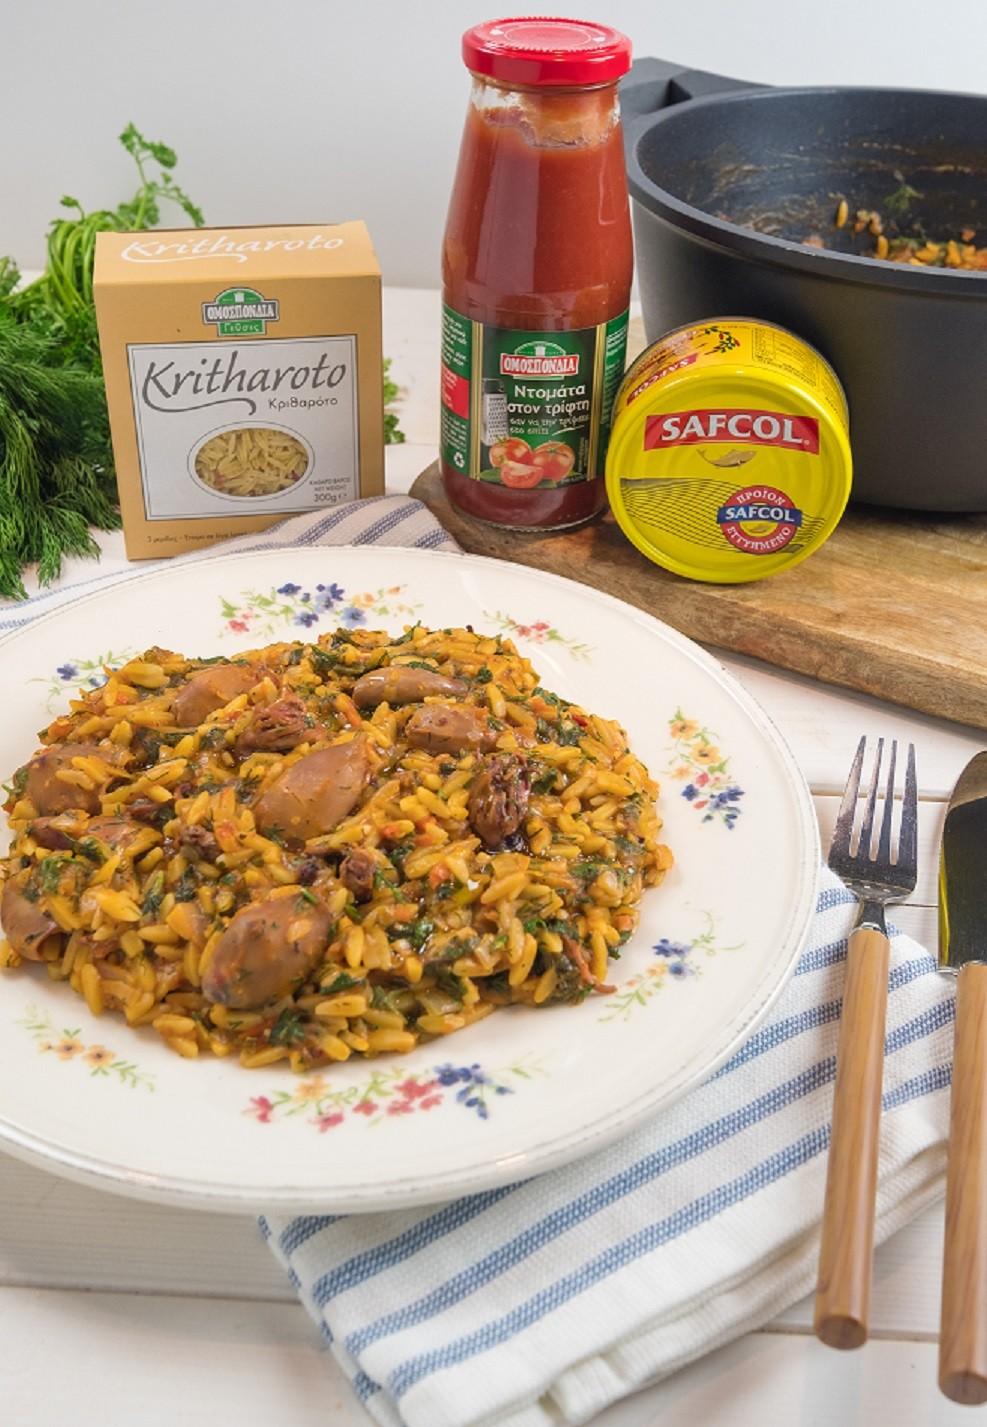 Κριθαρότο με πικάντικα καλαμαράκια και αρωματικά χόρτα - www.olivemagazine.gr